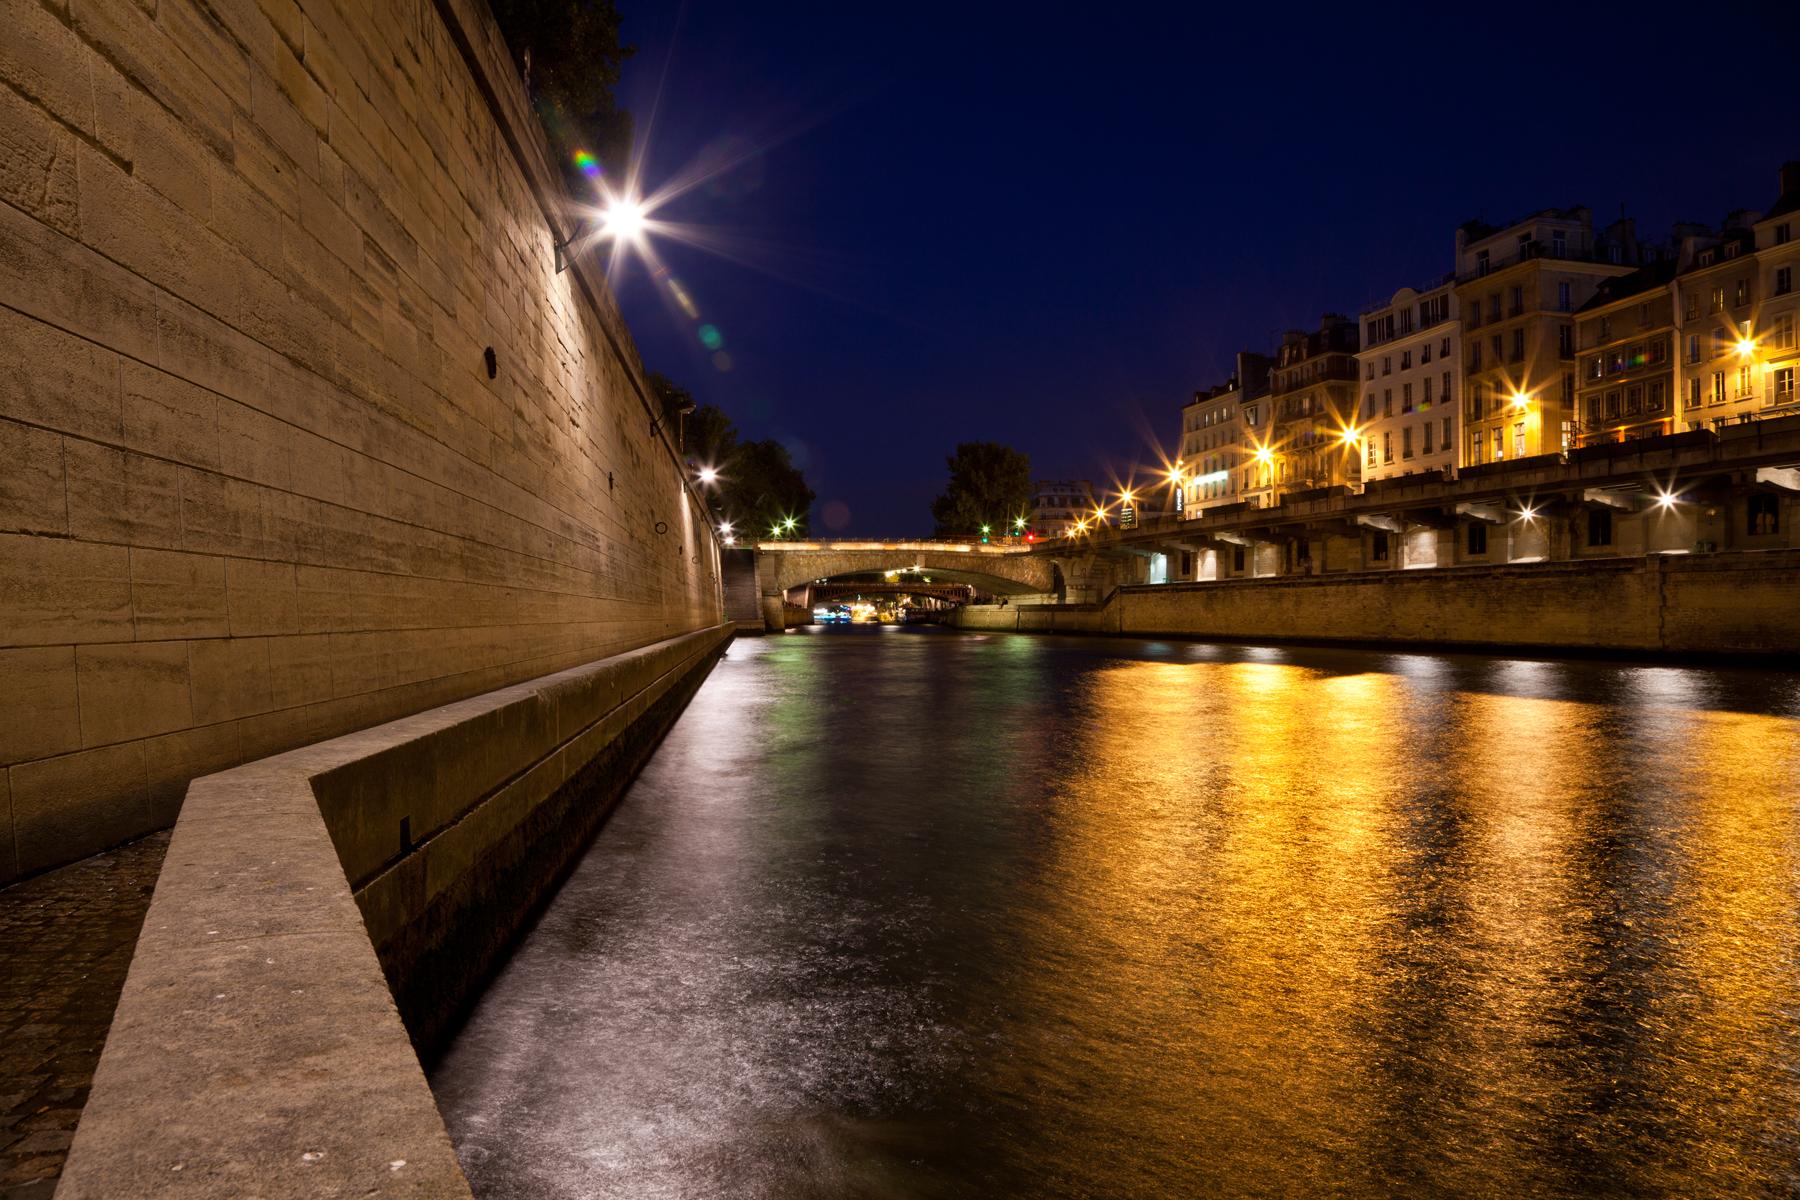 Paris sur Seine Twilight, Black, Scenery, Paris, Paris-sur-seine, HQ Photo